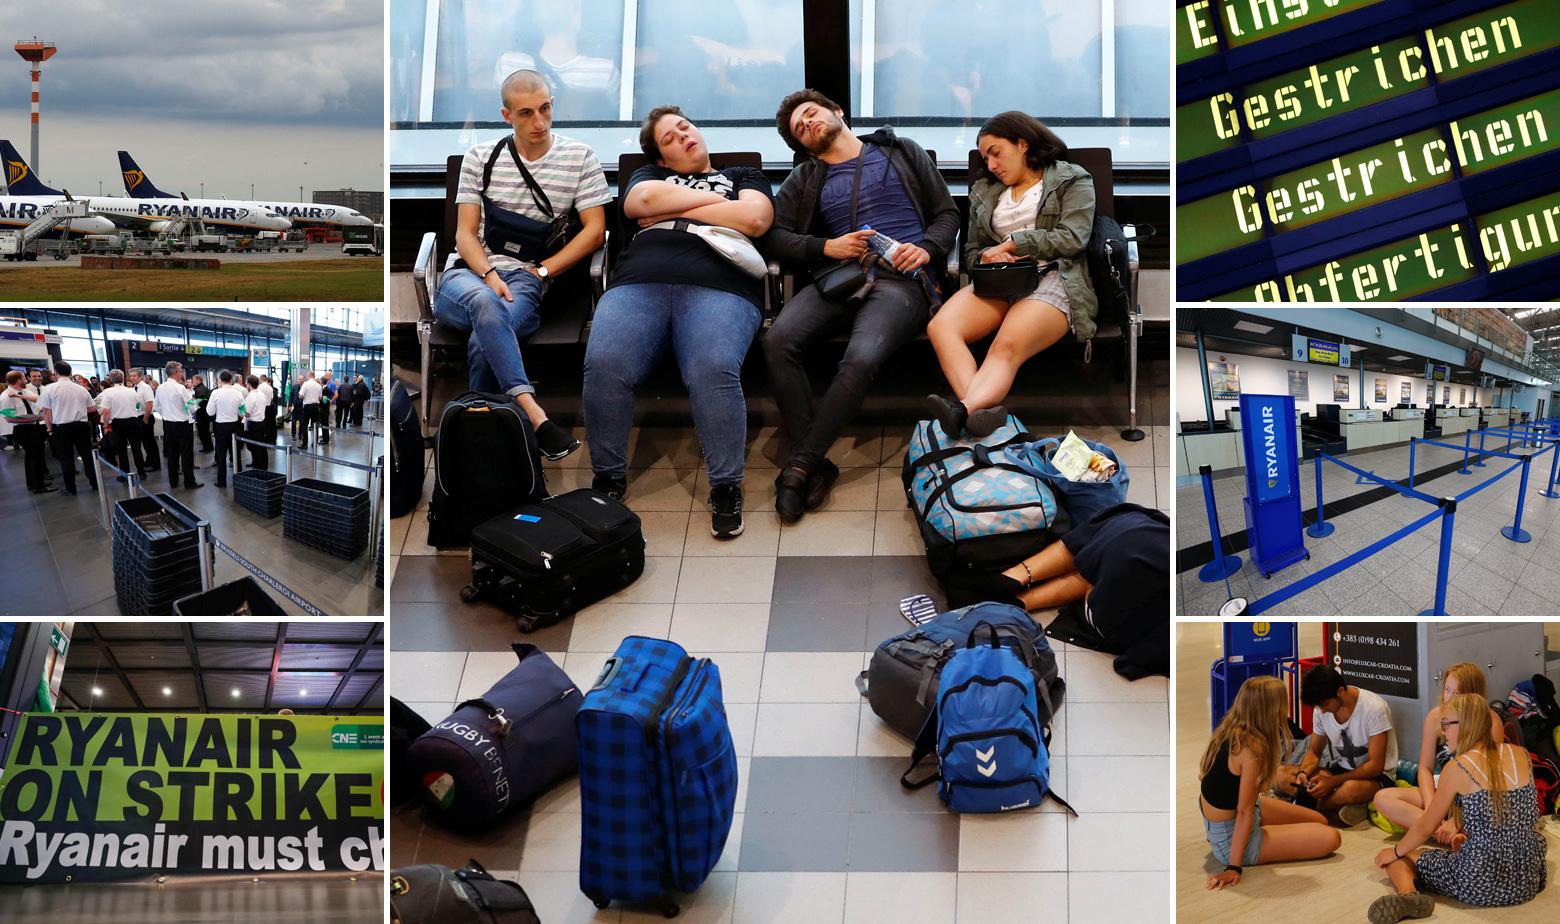 Fotografije iz zračnih luka u Njemačkoj, Belgiji i Hrvatskoj (Pula) na dan štrajka pilota i osoblja Ryanaira